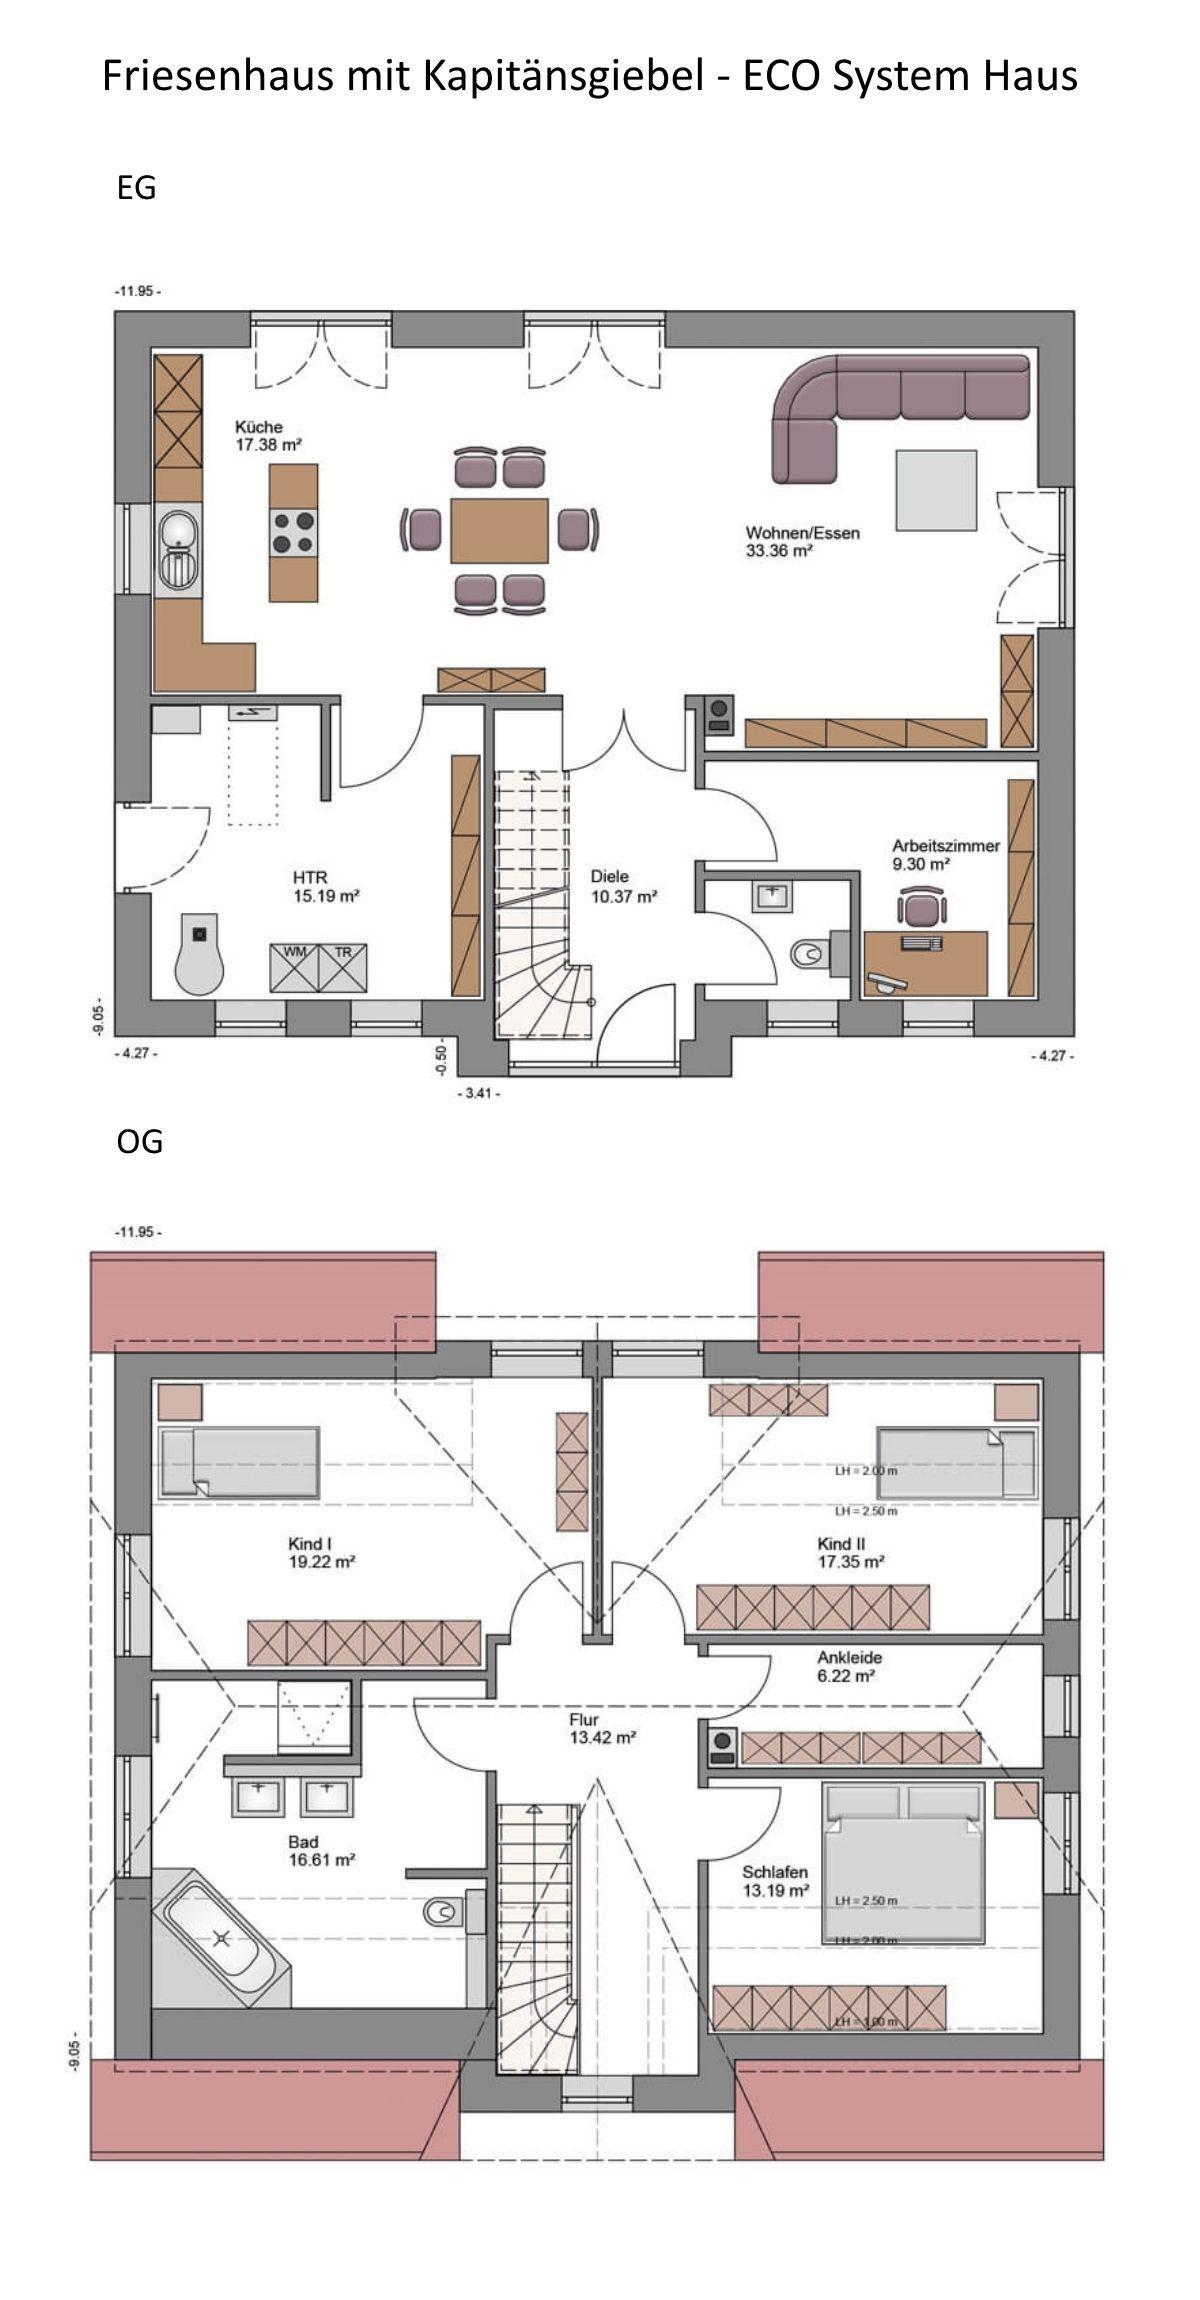 Grundriss Einfamilienhaus Landhaus 5 Zimmer, 173 qm Wfl